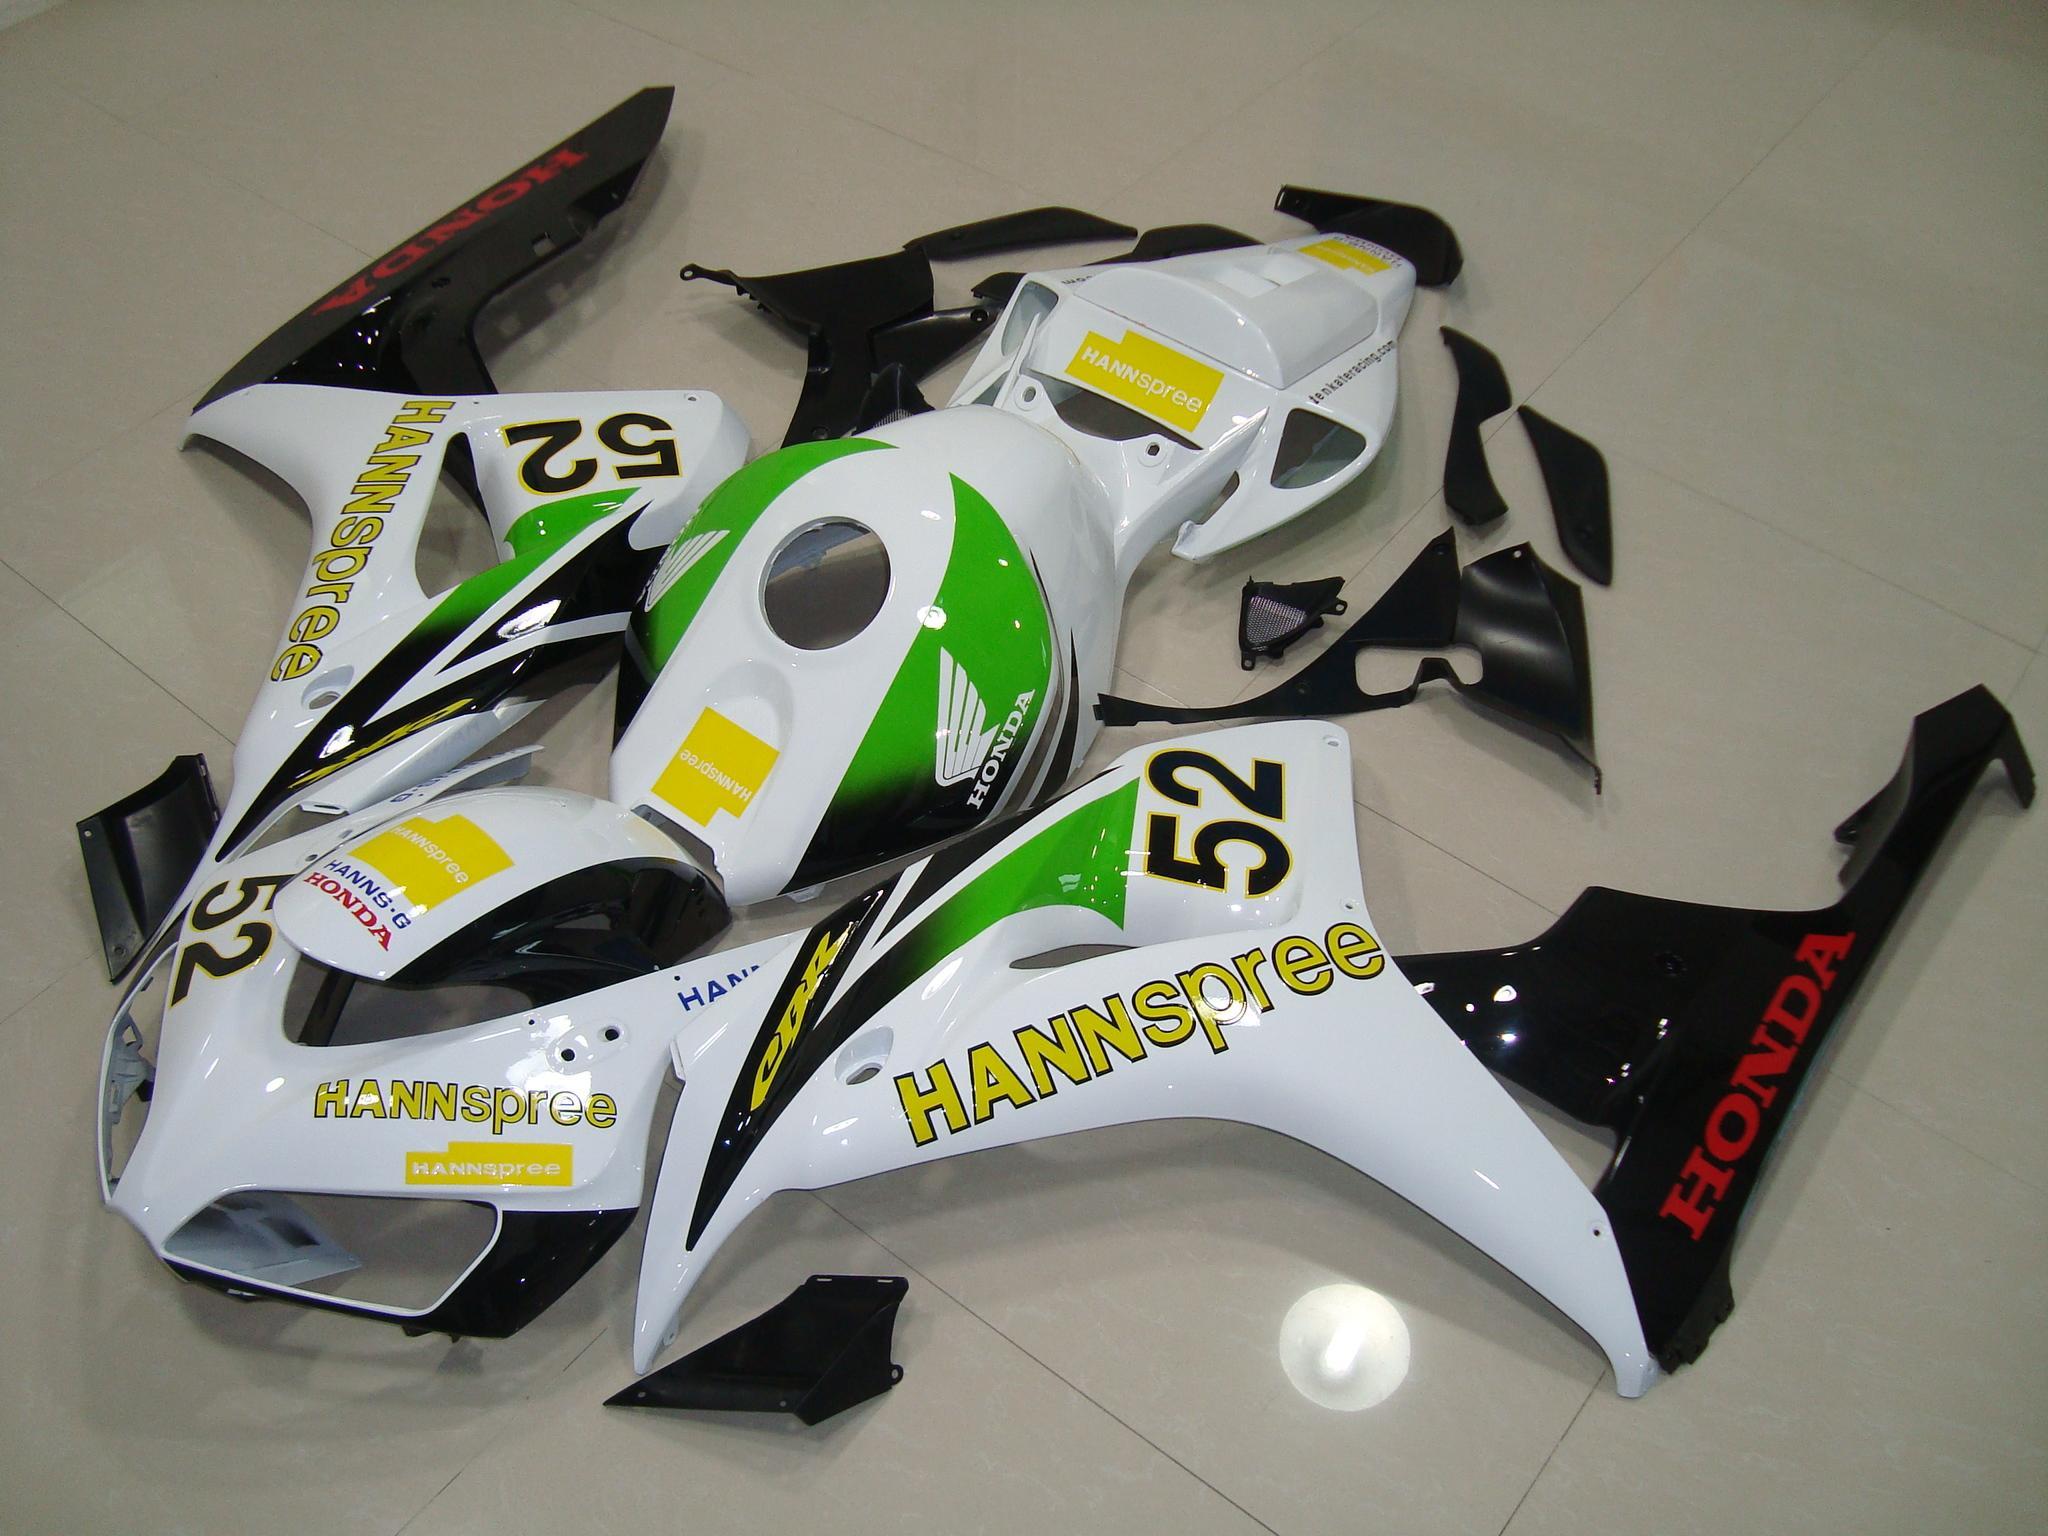 CBR1000RR 2006-2007 Hannspree